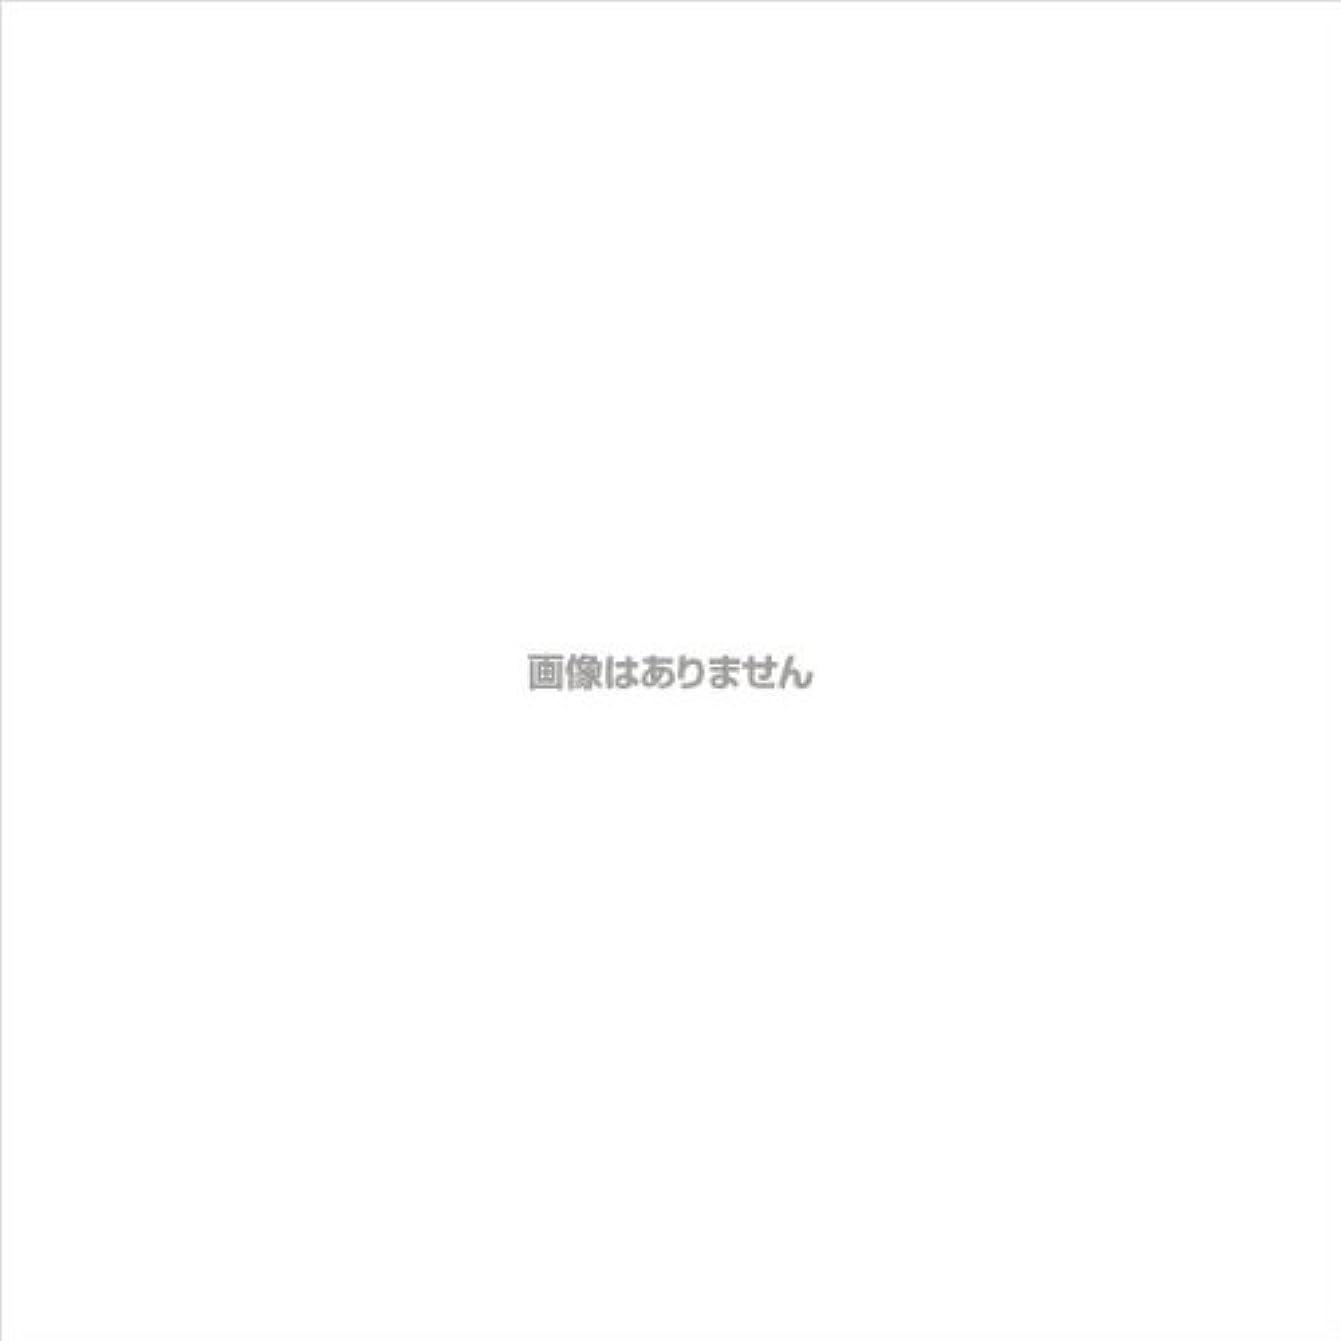 硬化する祭り血エブケアプラスチックグローブ粉付 箱入 / 1002 100枚 L ケース(30小箱入)